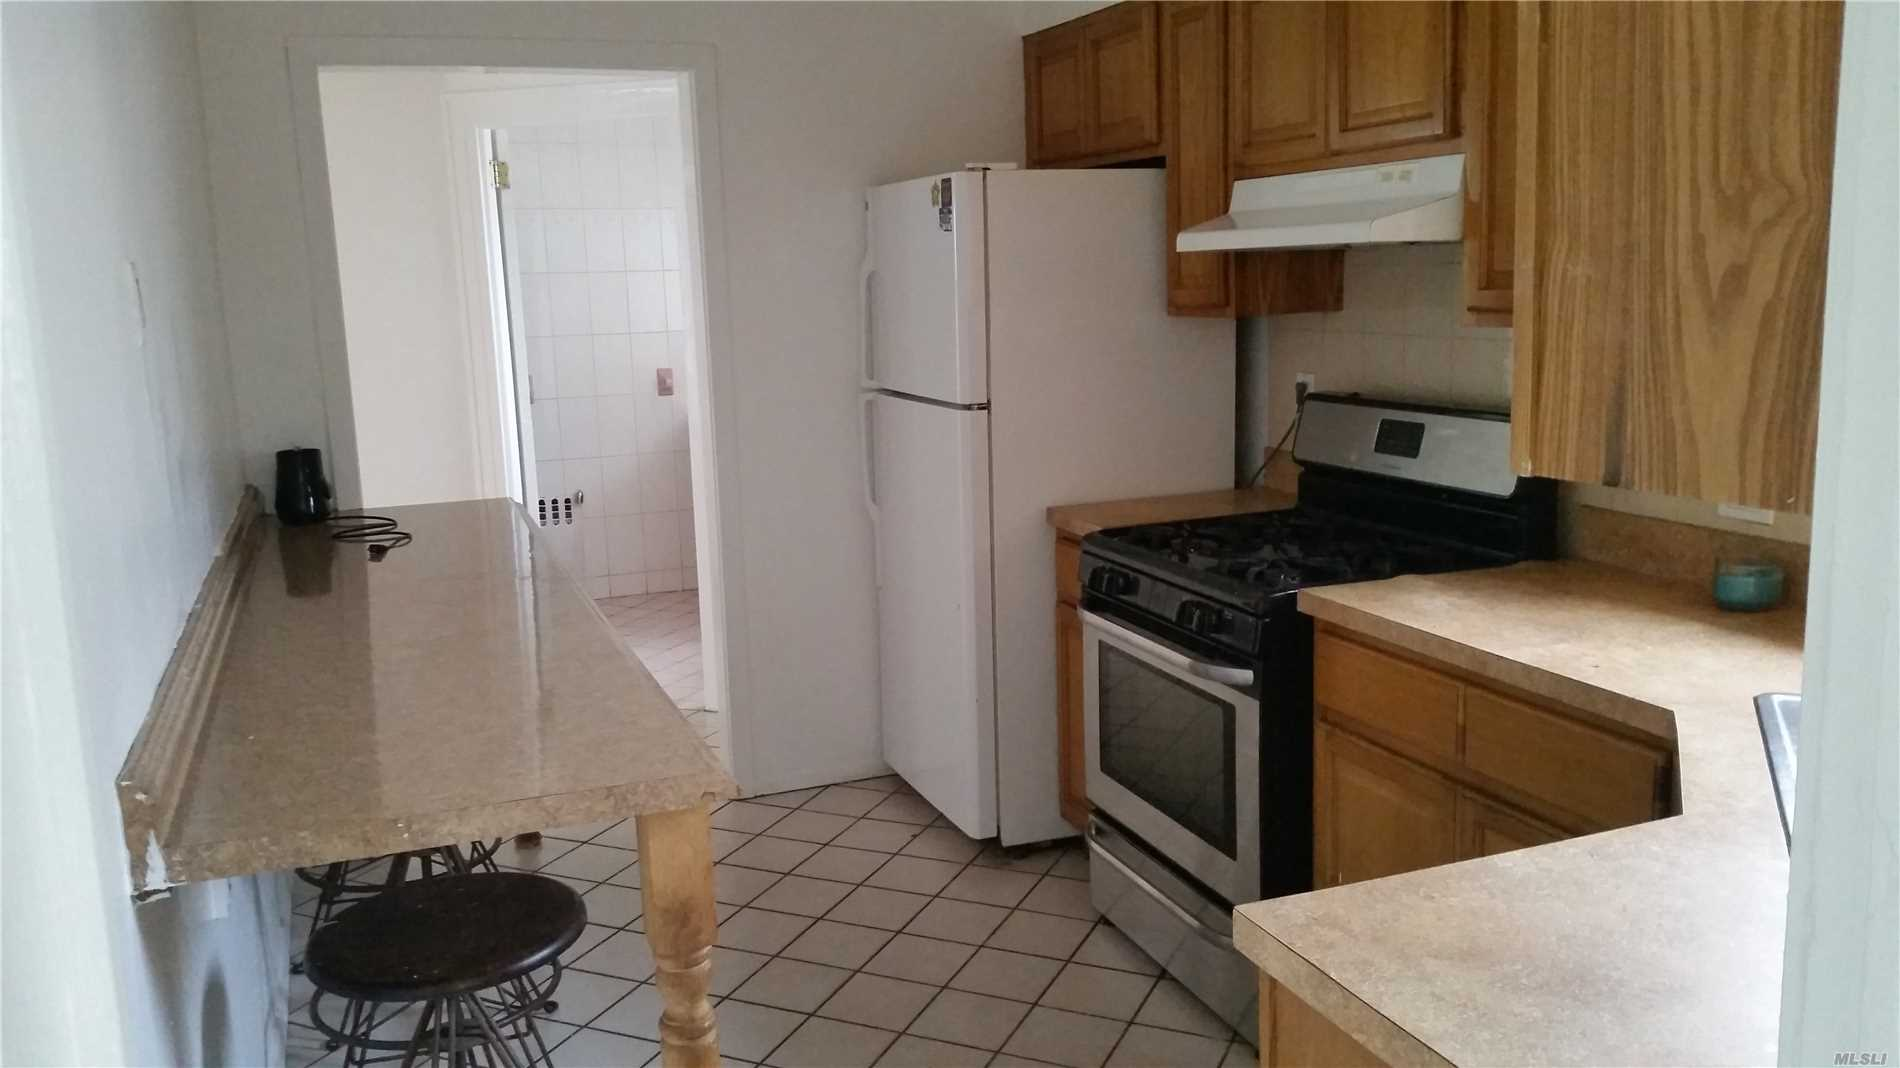 81-34 170 St Jamaica Estates, NY 11432